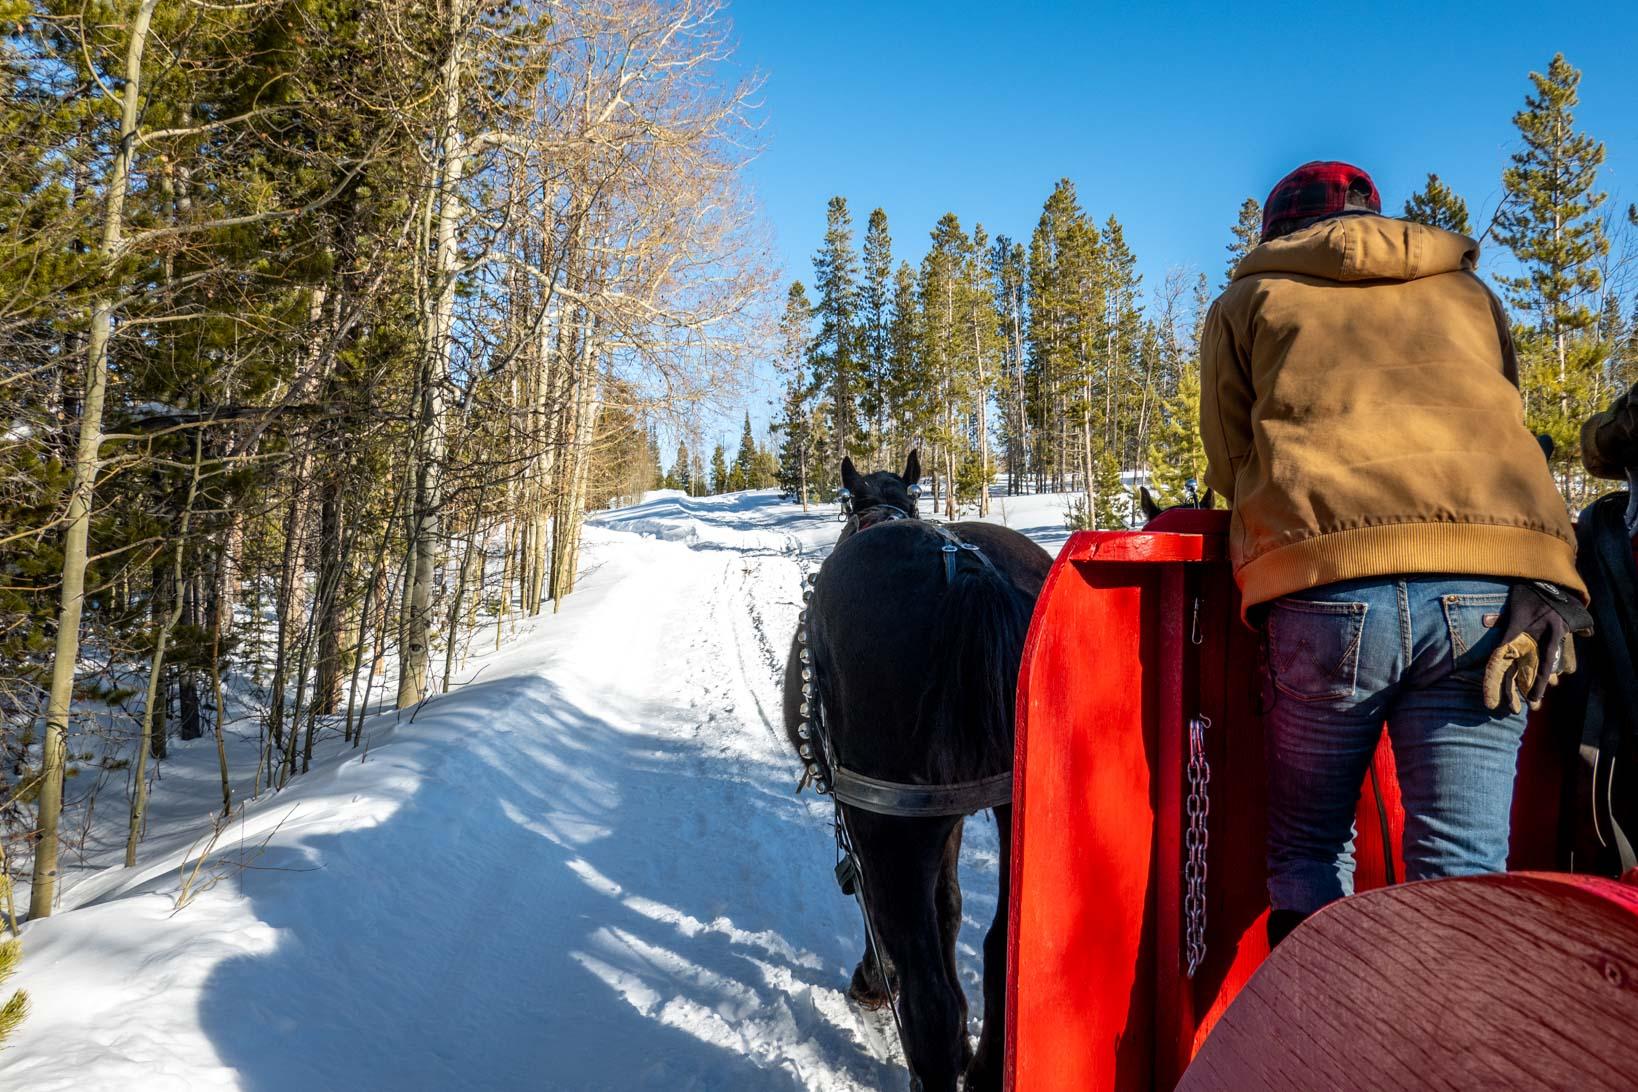 Sleigh ride at Snow Mountain Ranch